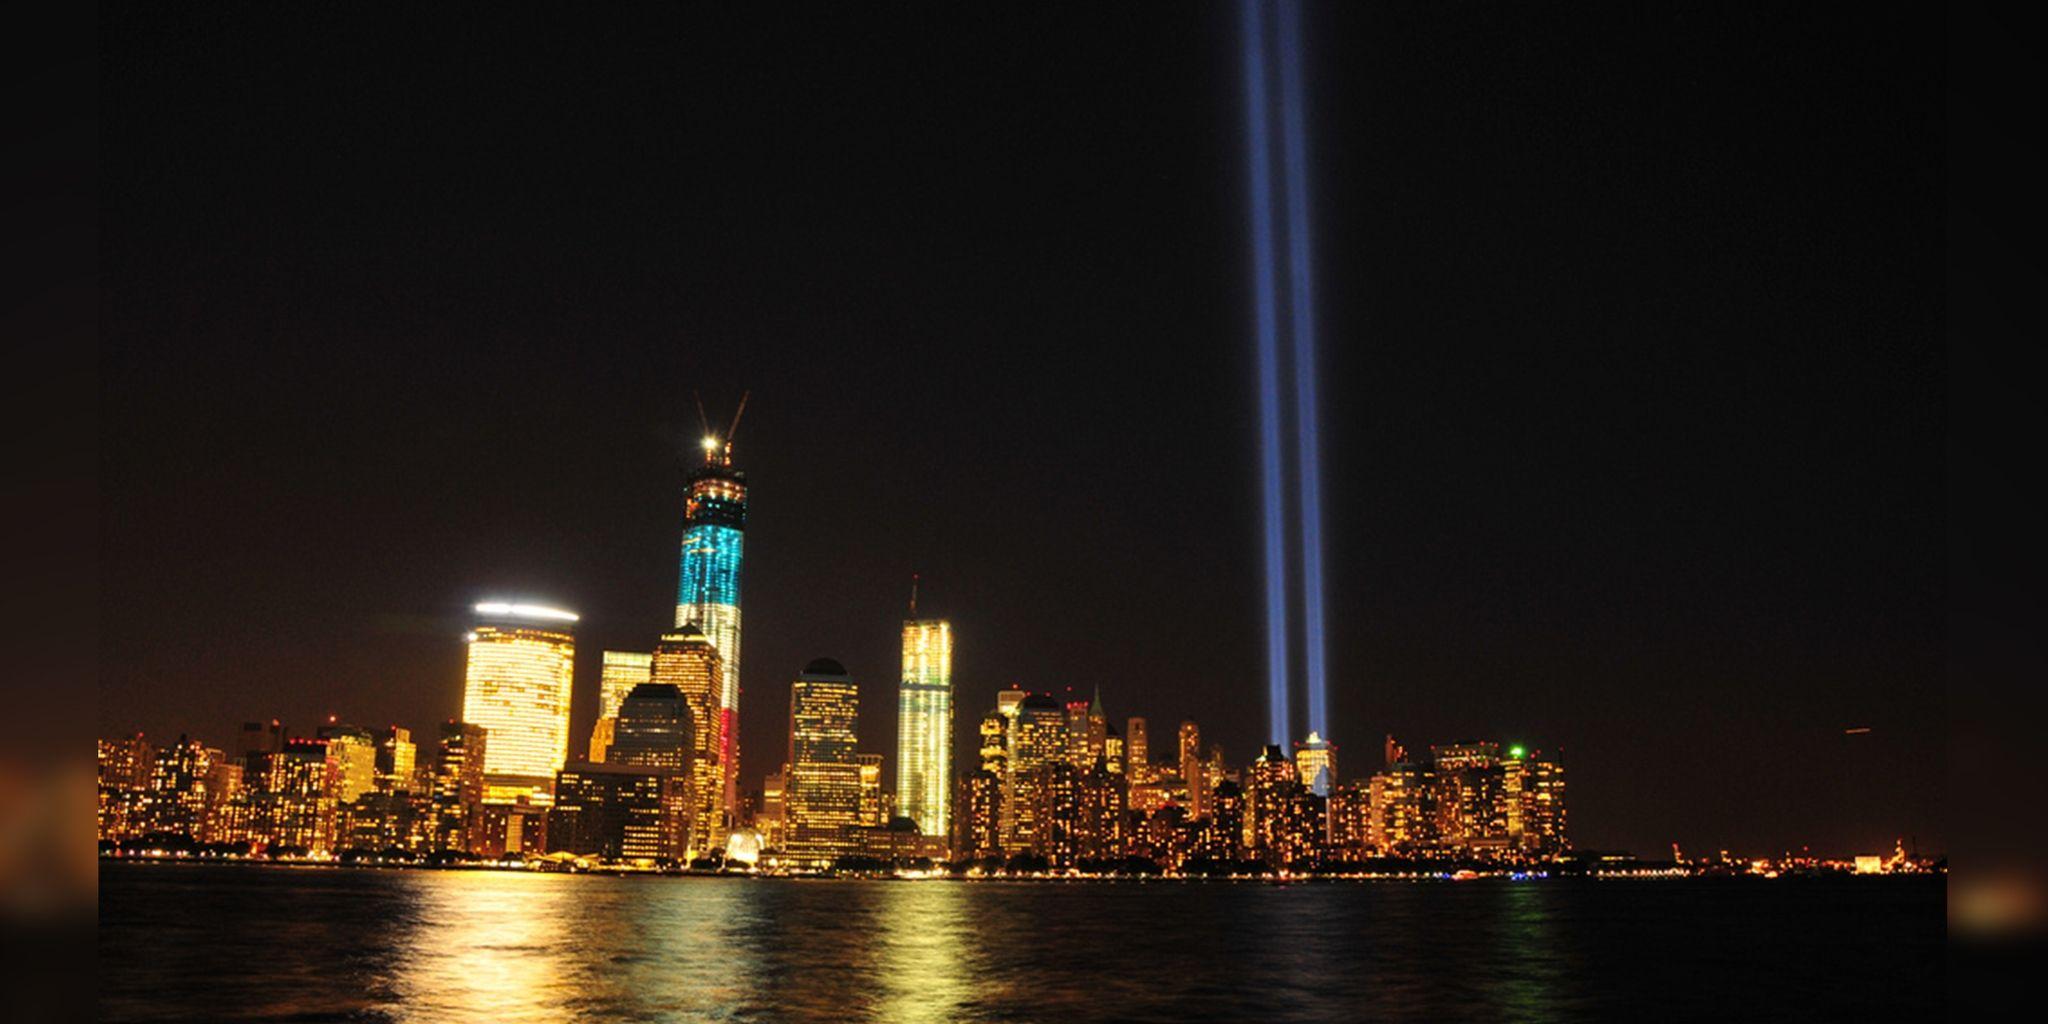 L'11 settembre visto dagli algoritmi di Facebook